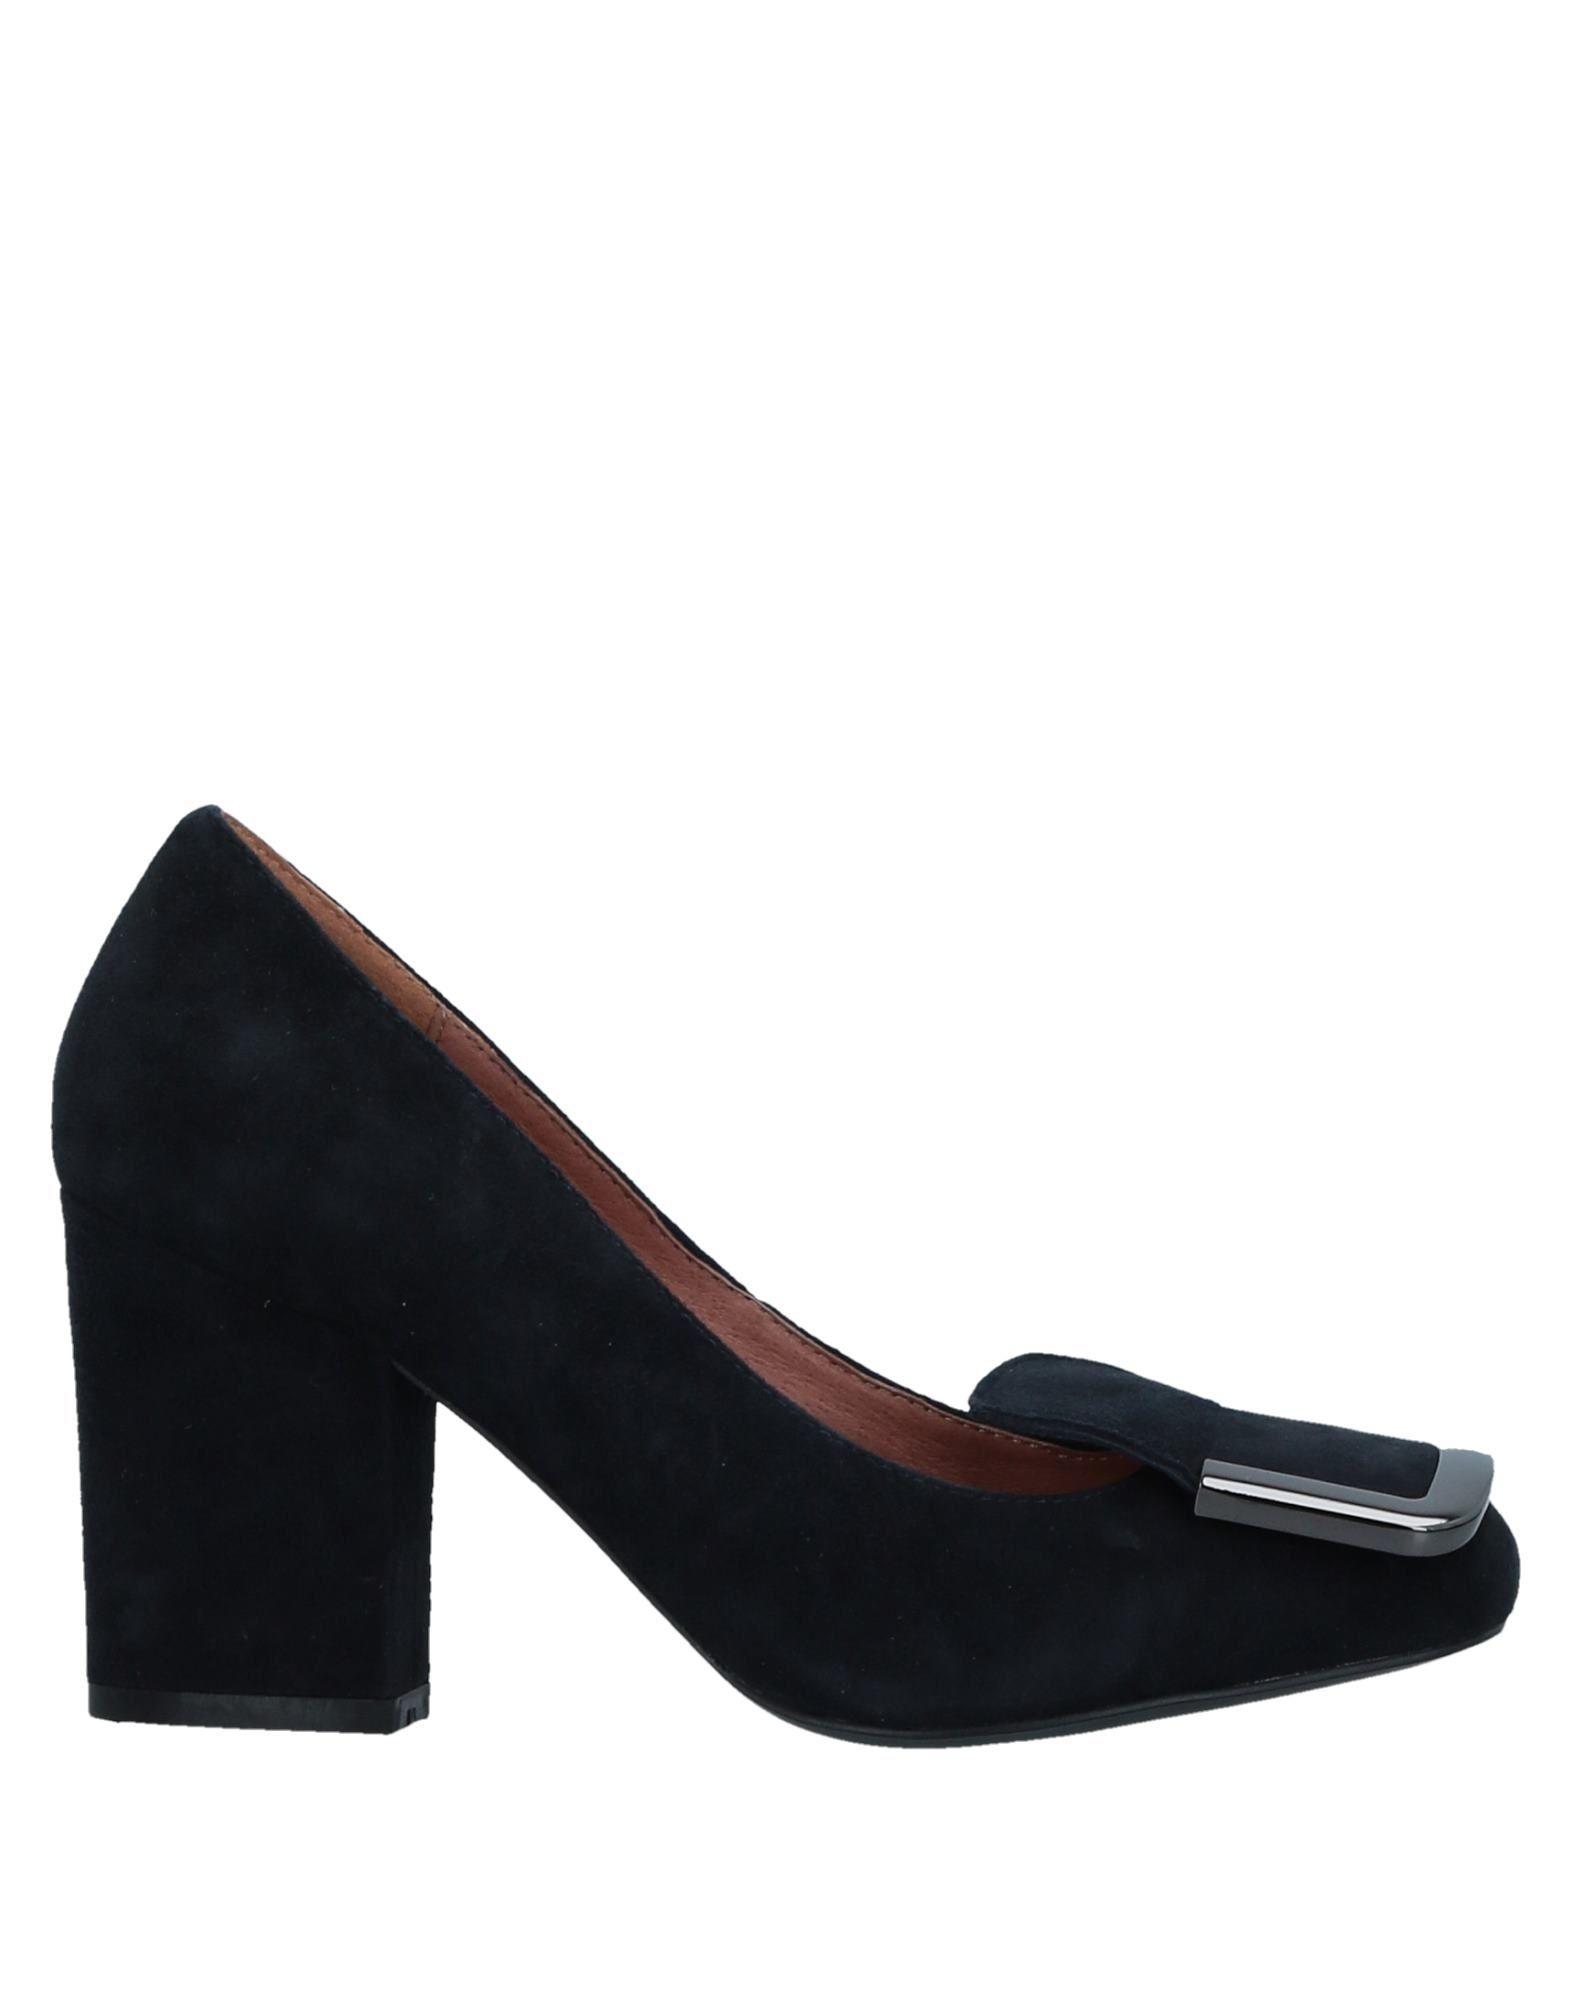 Bibi Lou Mokassins Damen  11264288PG Gute Qualität beliebte Schuhe